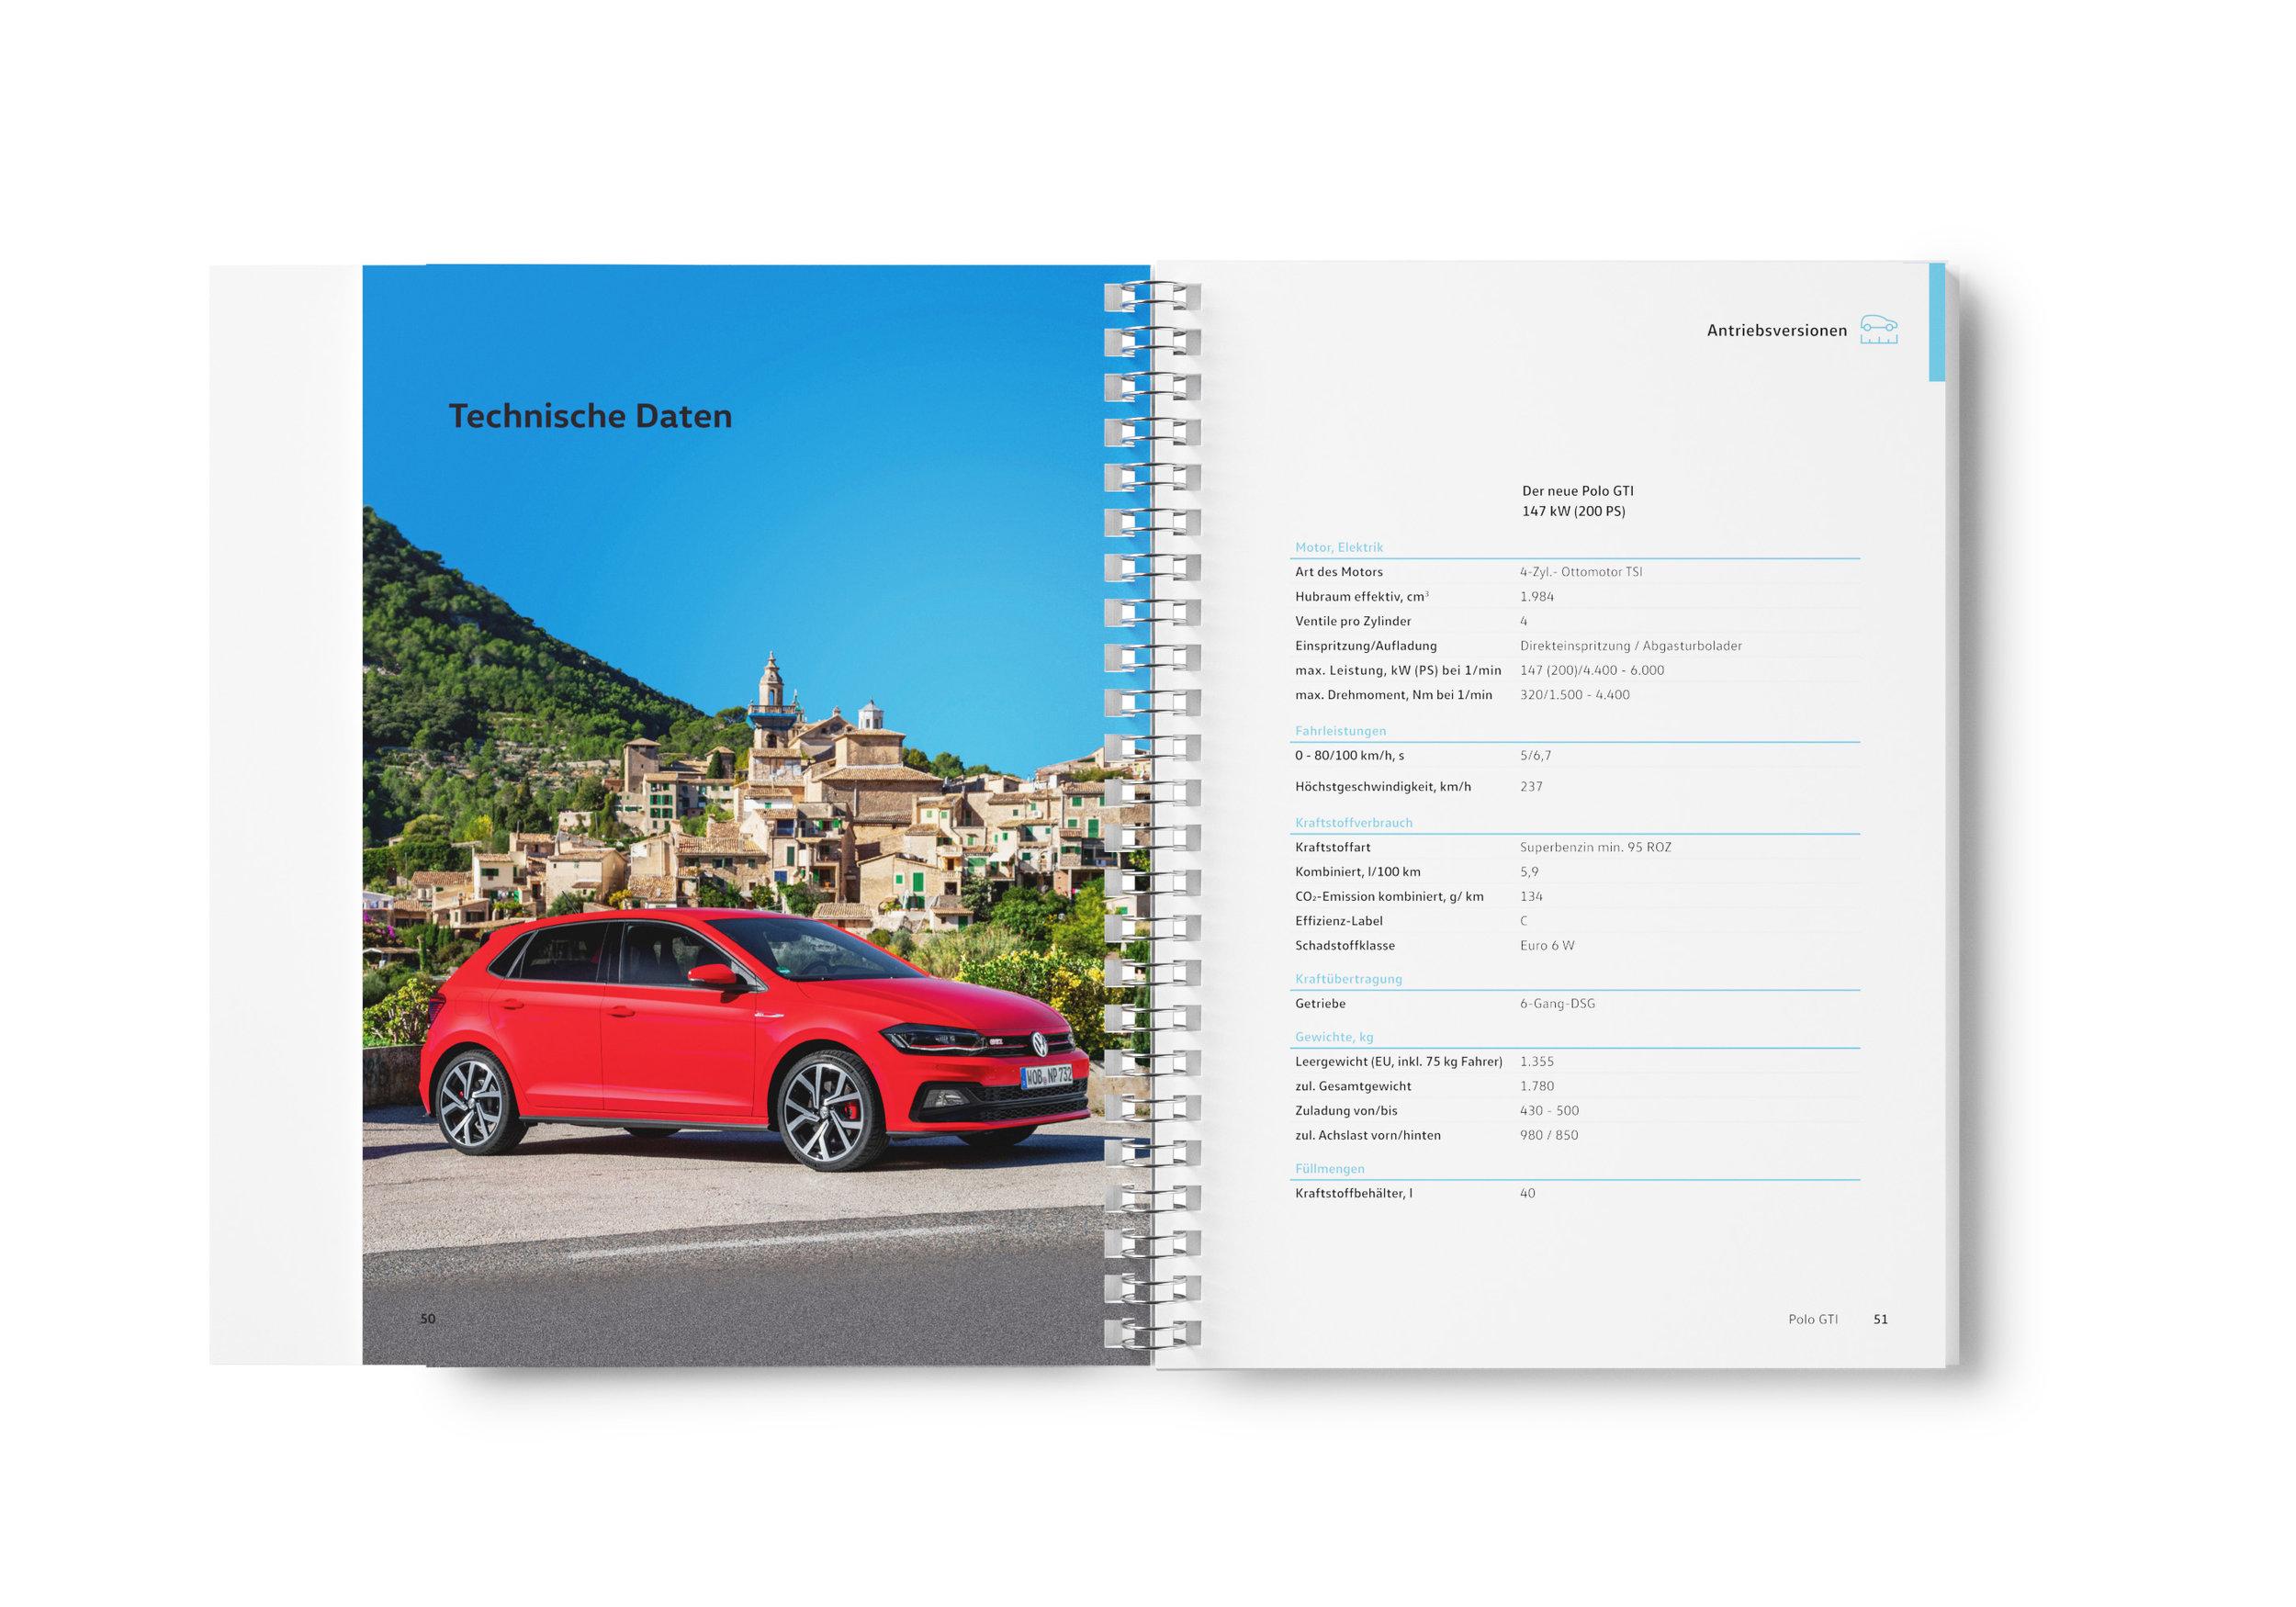 09_Josekdesign_Volkswagen_PMS.jpg